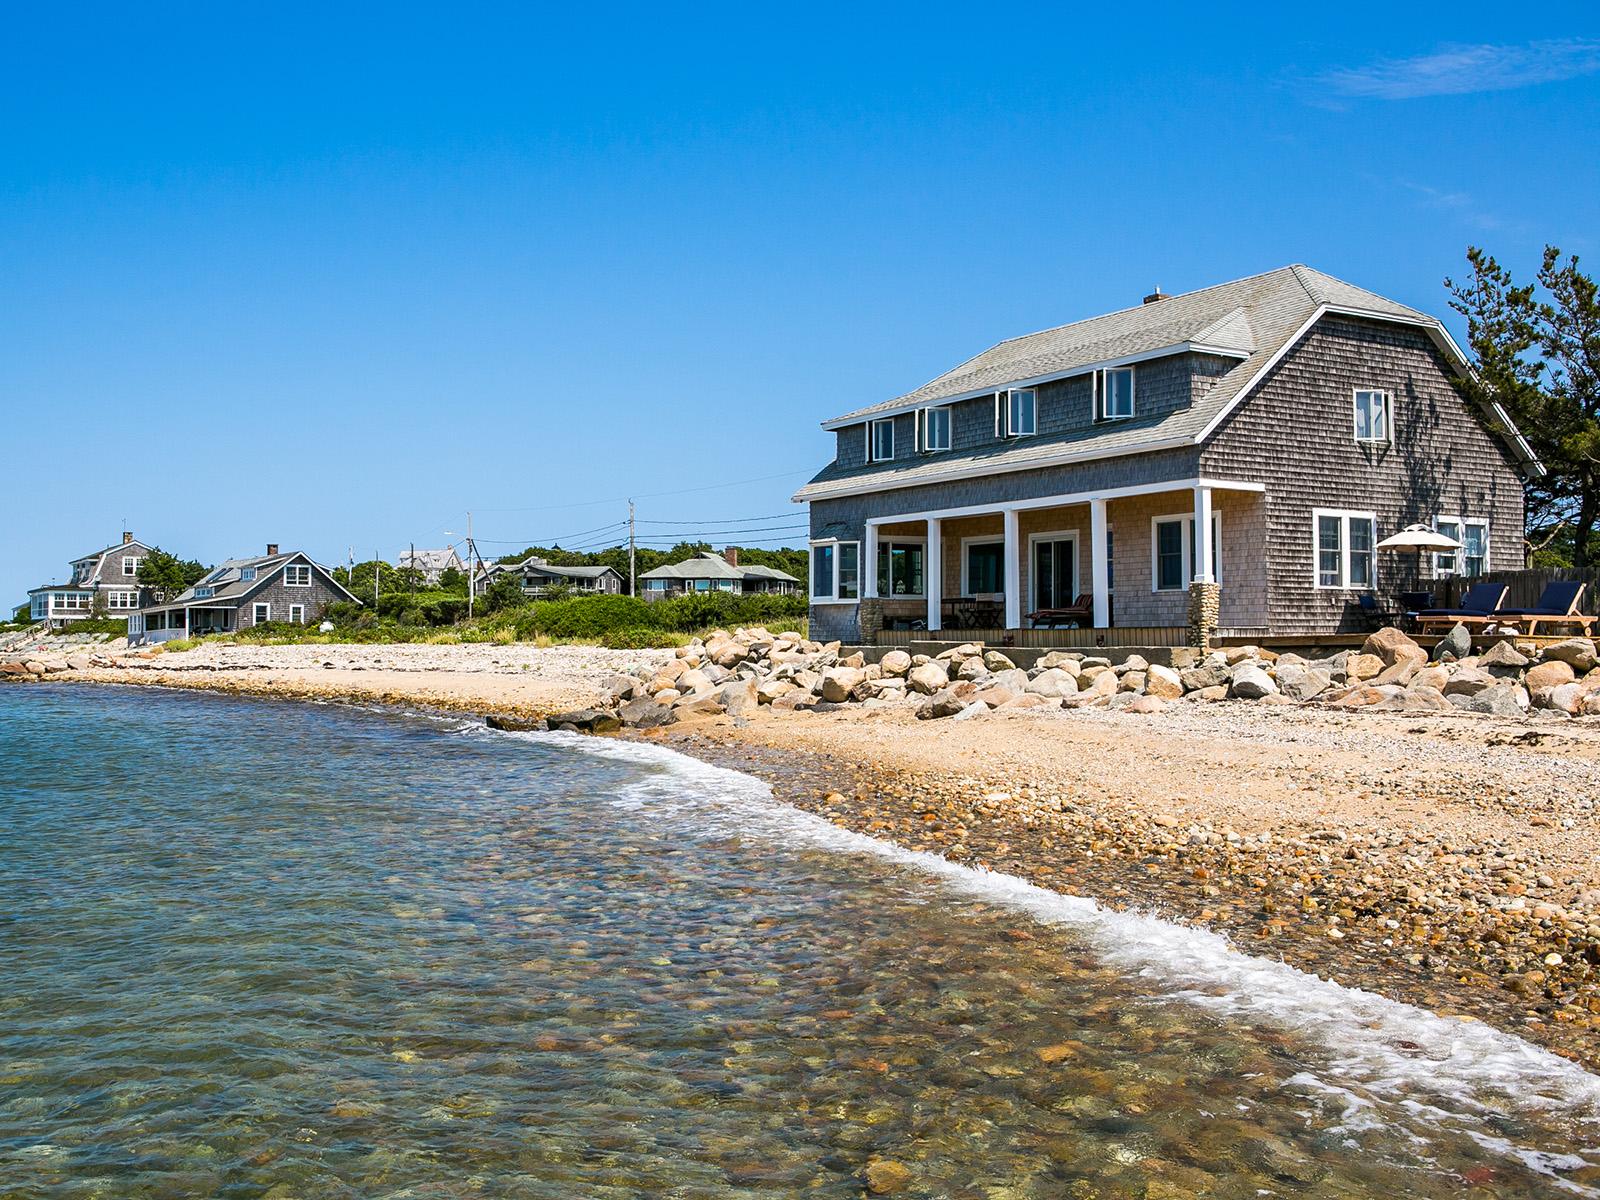 단독 가정 주택 용 매매 에 East Chop Beach House 283 East Chop Drive Oak Bluffs, 매사추세츠 02557 미국